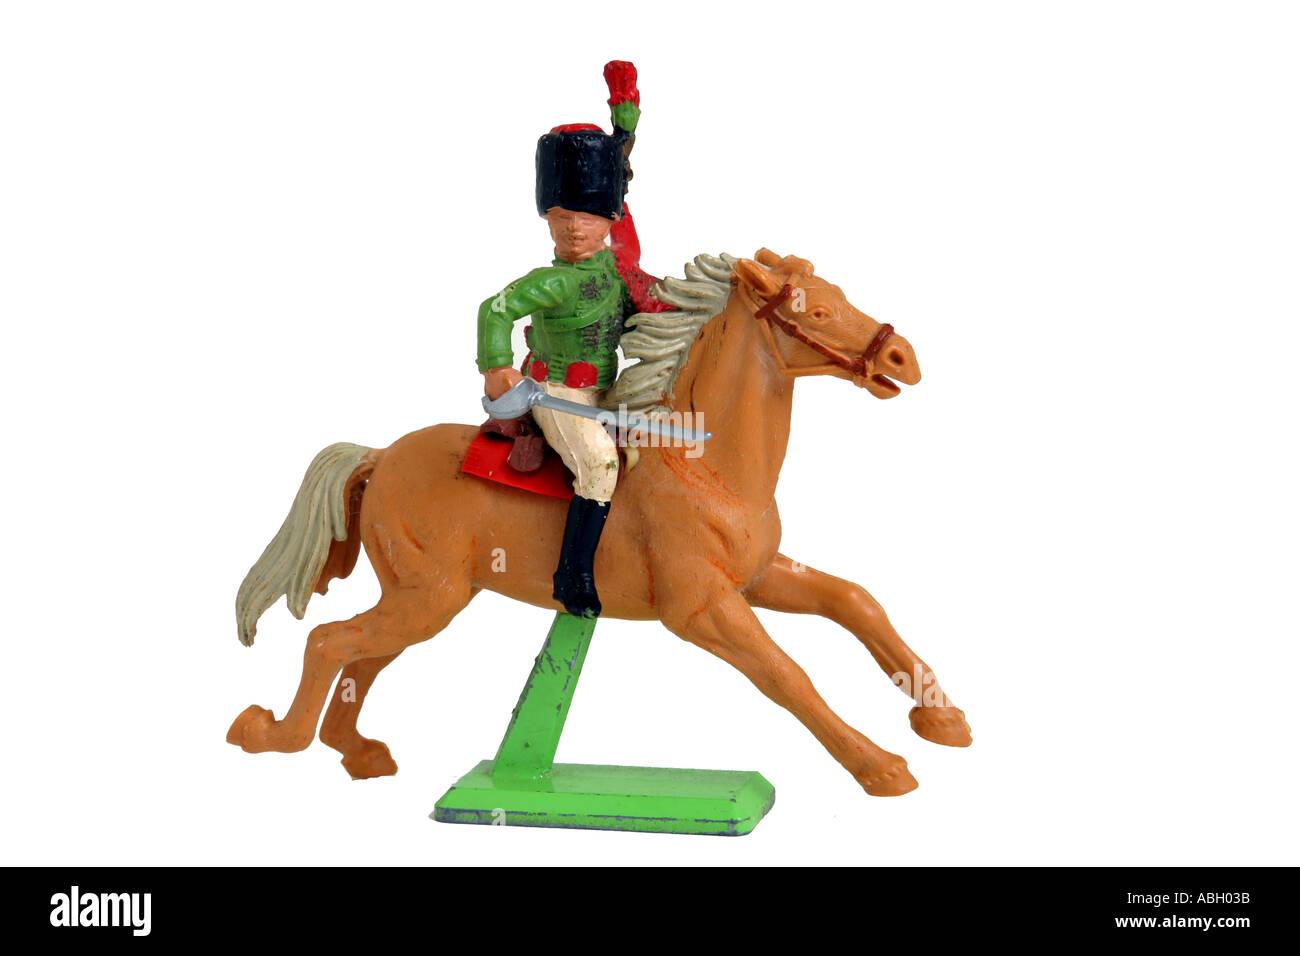 Toy Soldier cavalryman prusiano desde Waterloo era Imagen De Stock